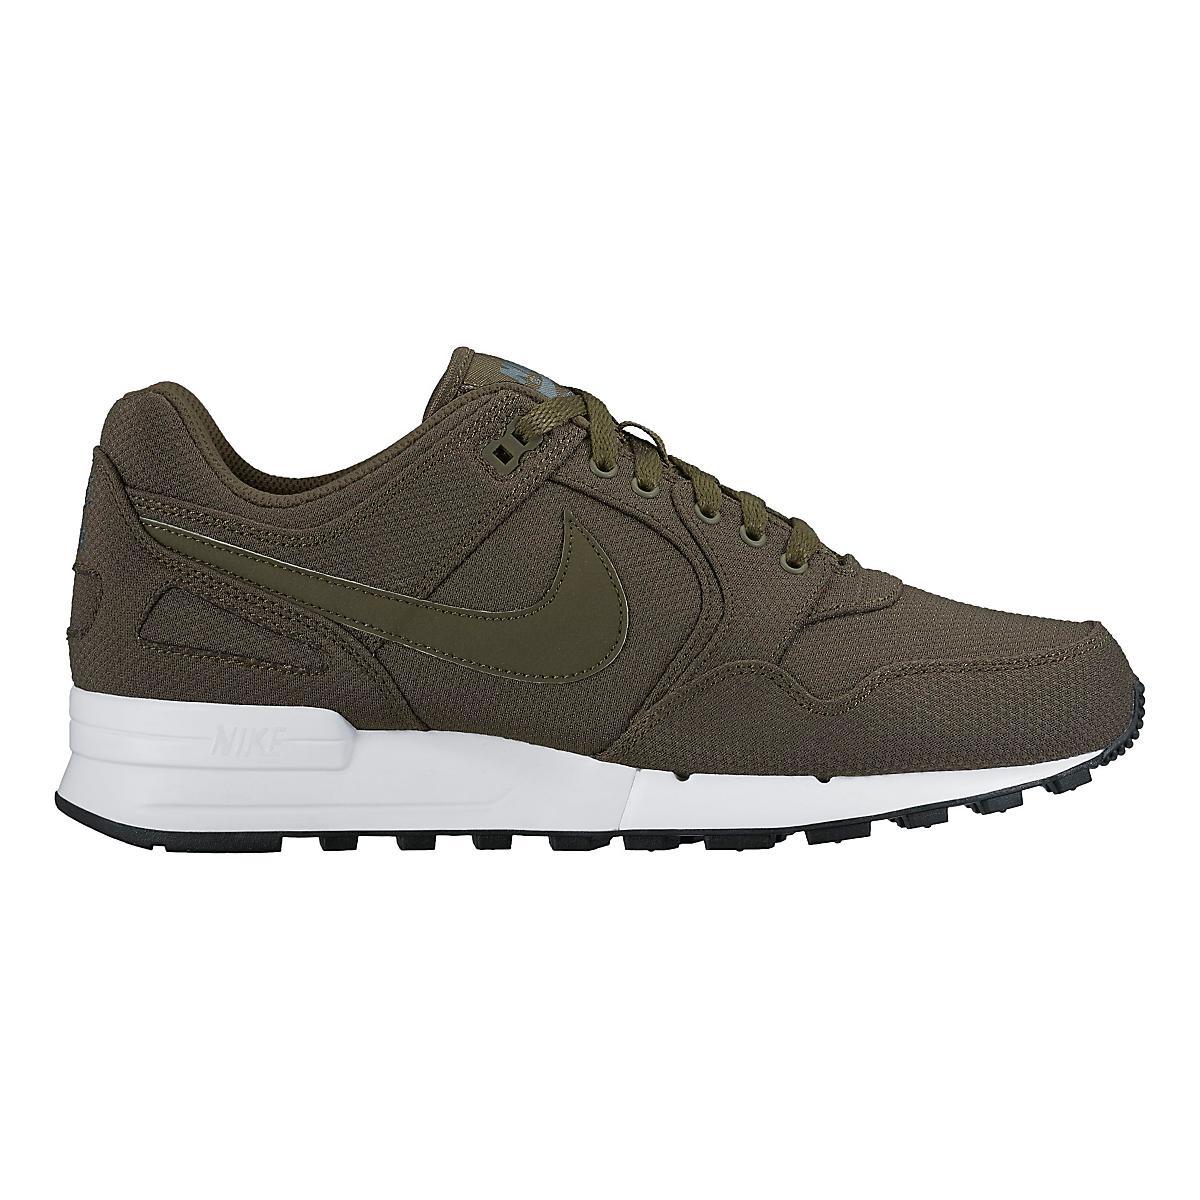 new style 1097c 6582e Mens Nike Air Pegasus 89 TXT Casual Shoe at Road Runner Spor